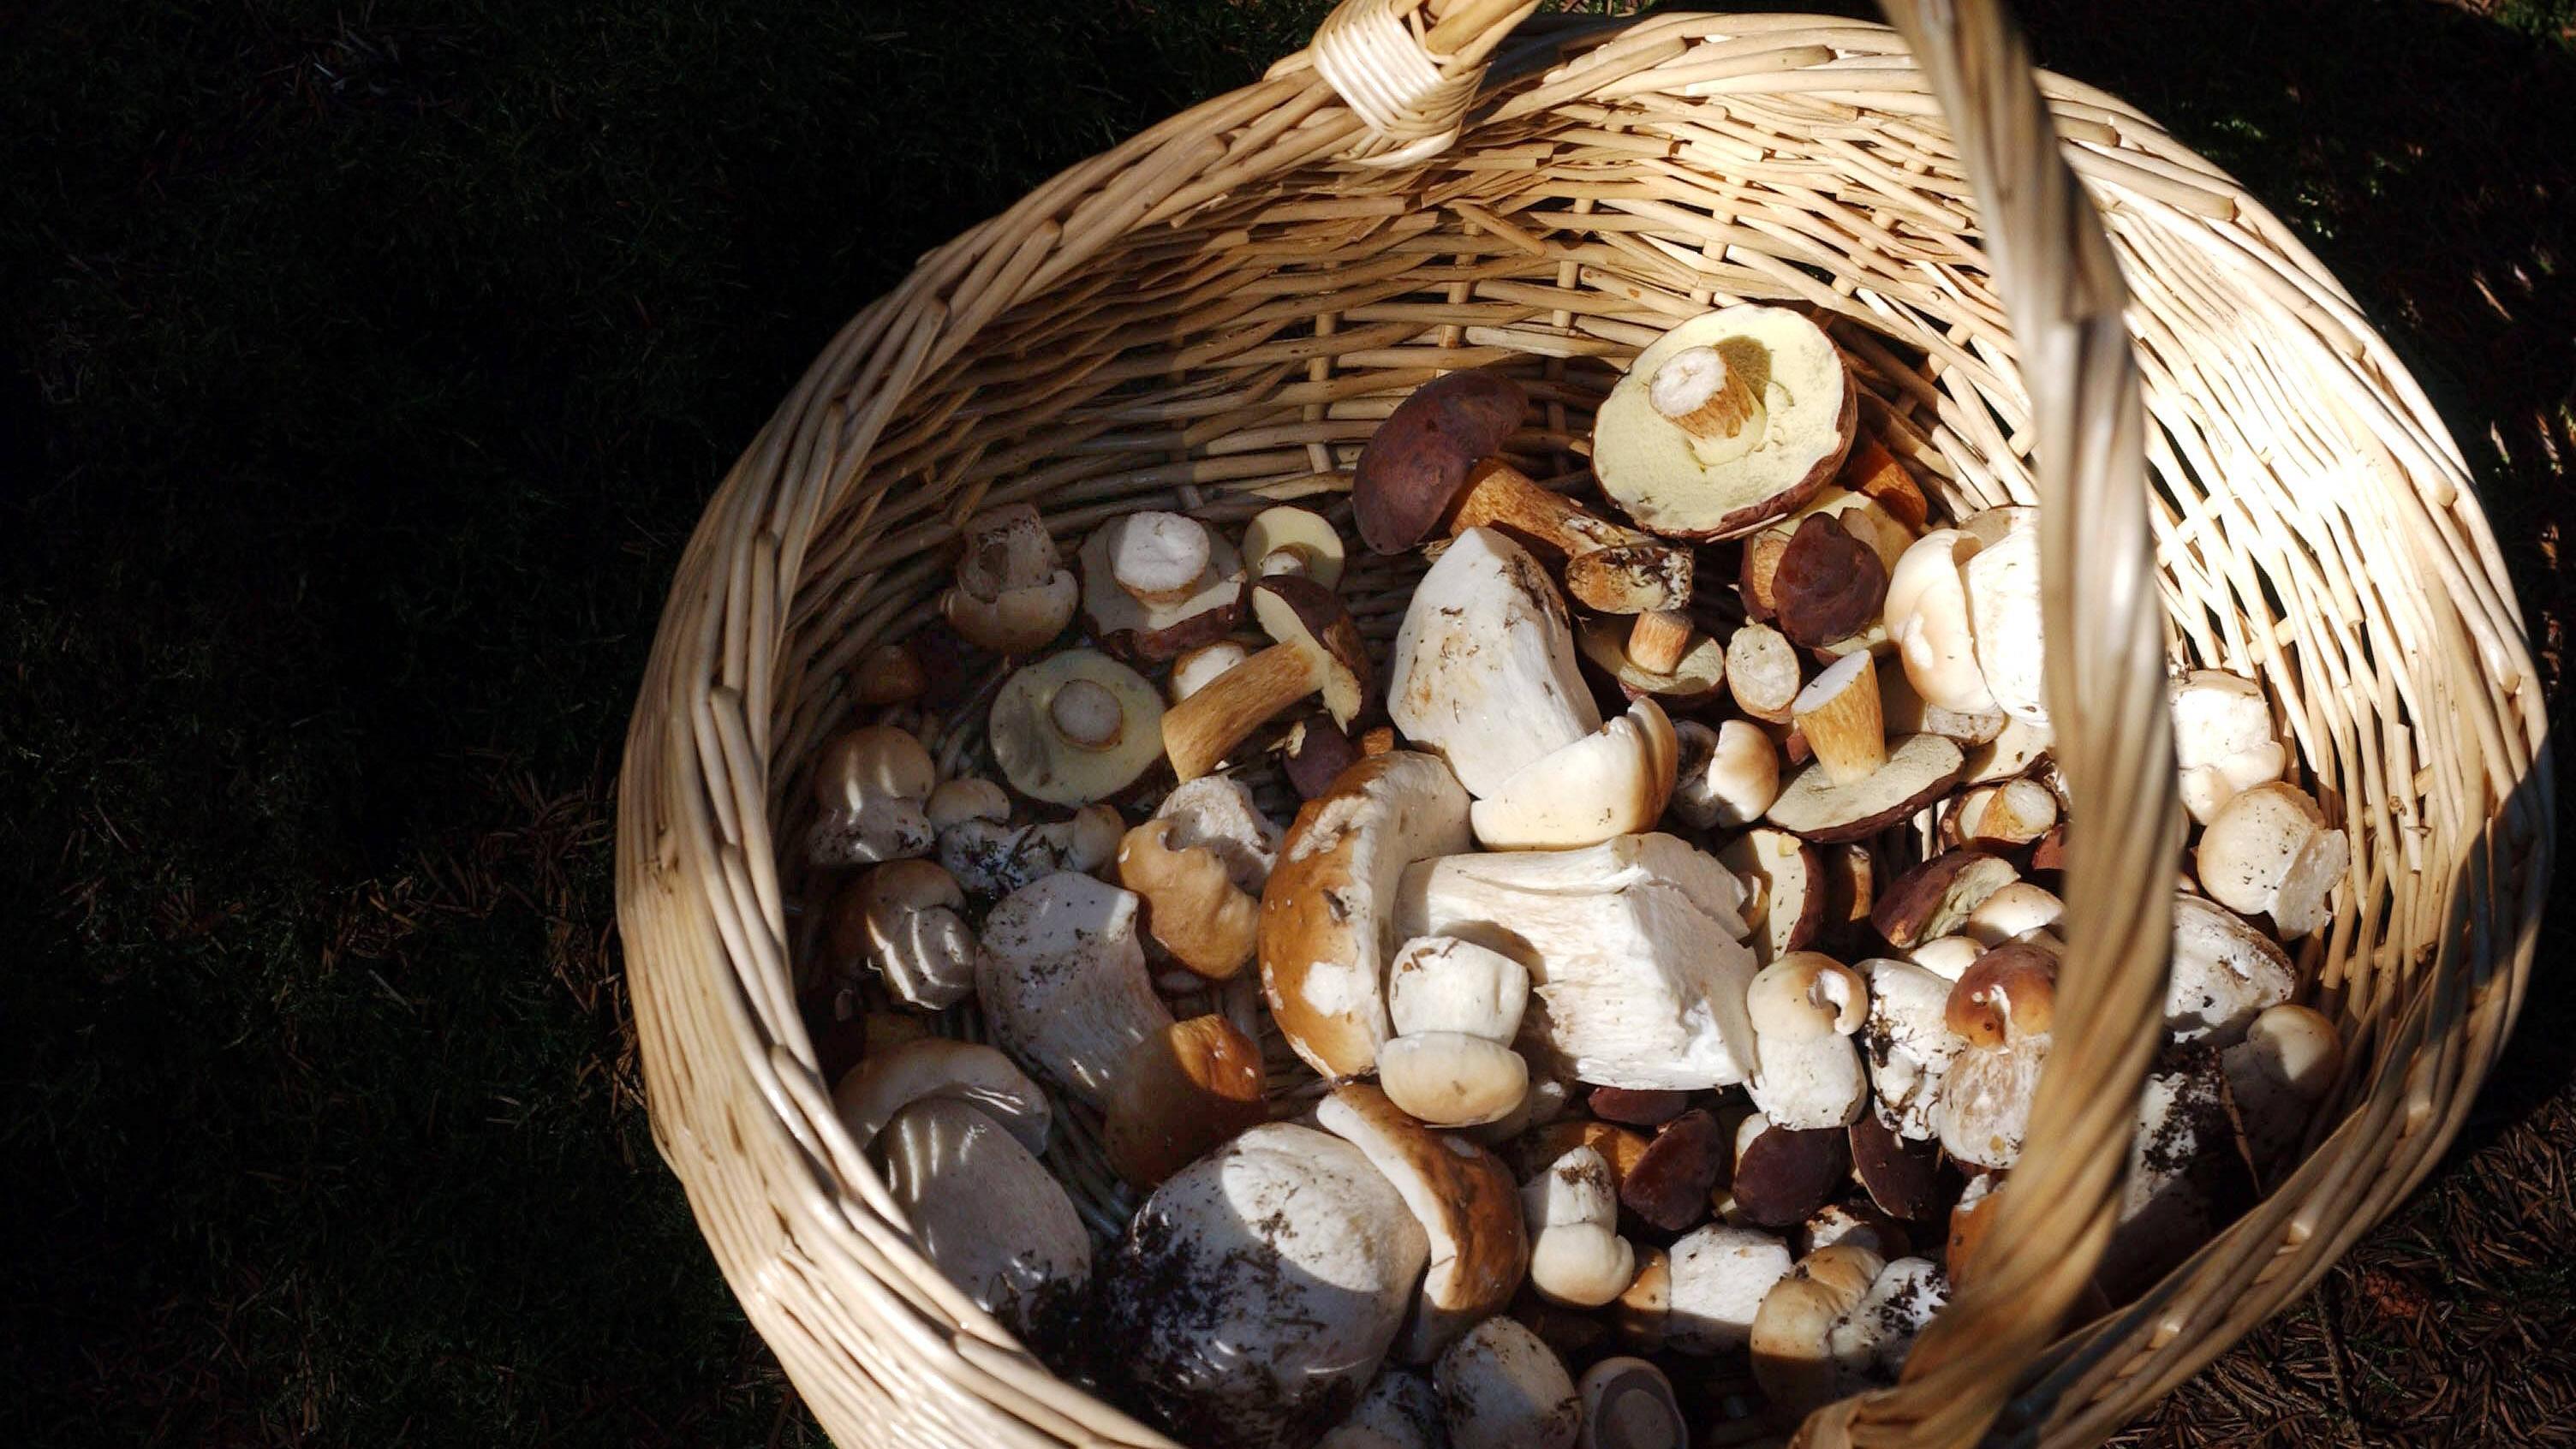 Haltbarkeit von Pilzen: So lange halten Champignon und Co.